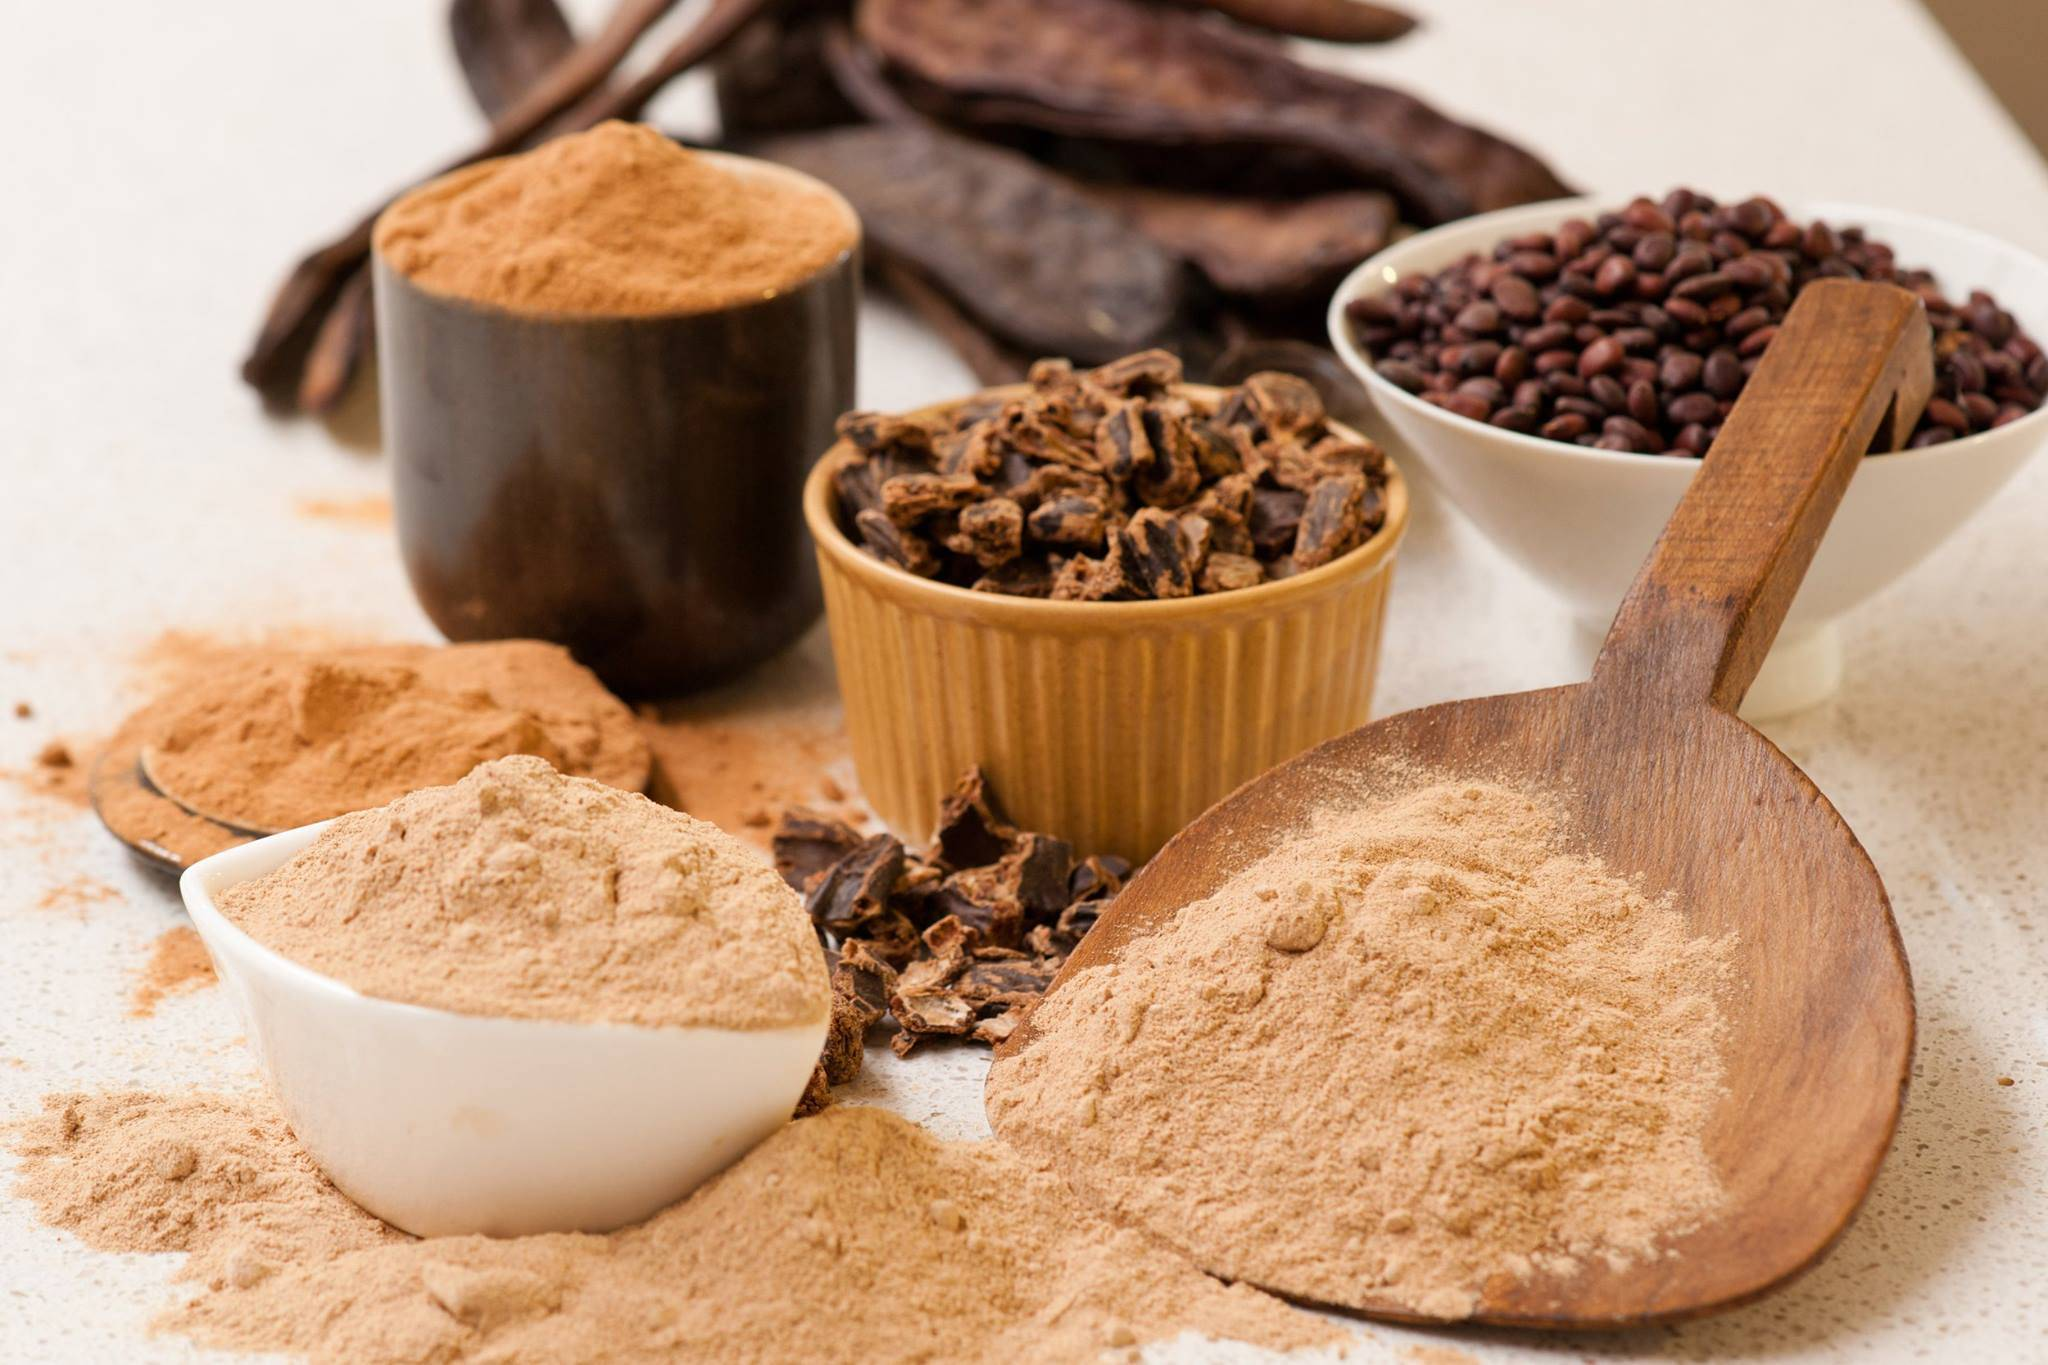 Какао - польза и вред для здоровья после 50 лет